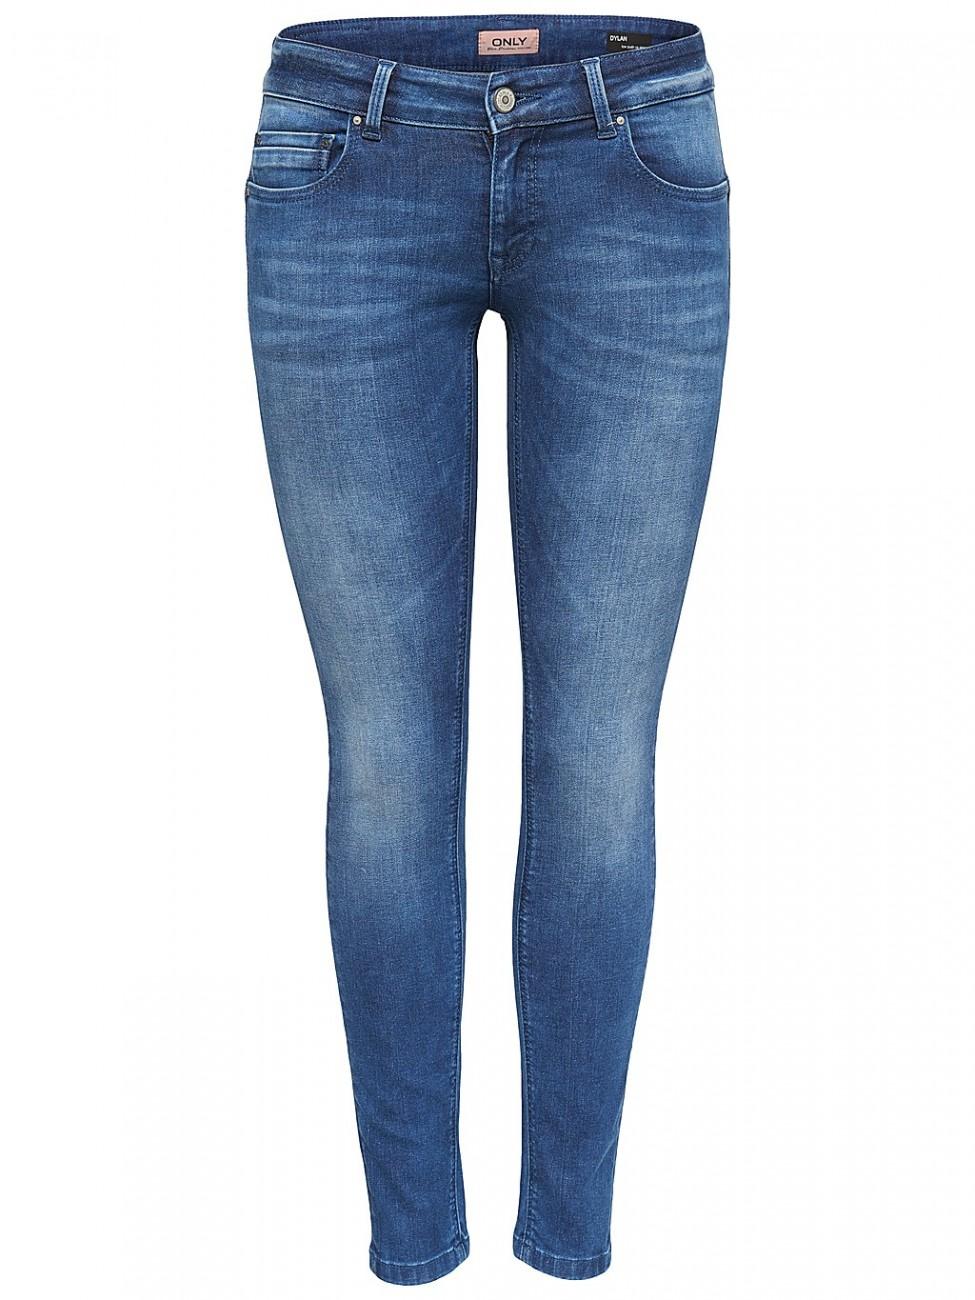 only damen jeans onldylan low push up dnm jea soo65 skinny fit blau medium ebay. Black Bedroom Furniture Sets. Home Design Ideas